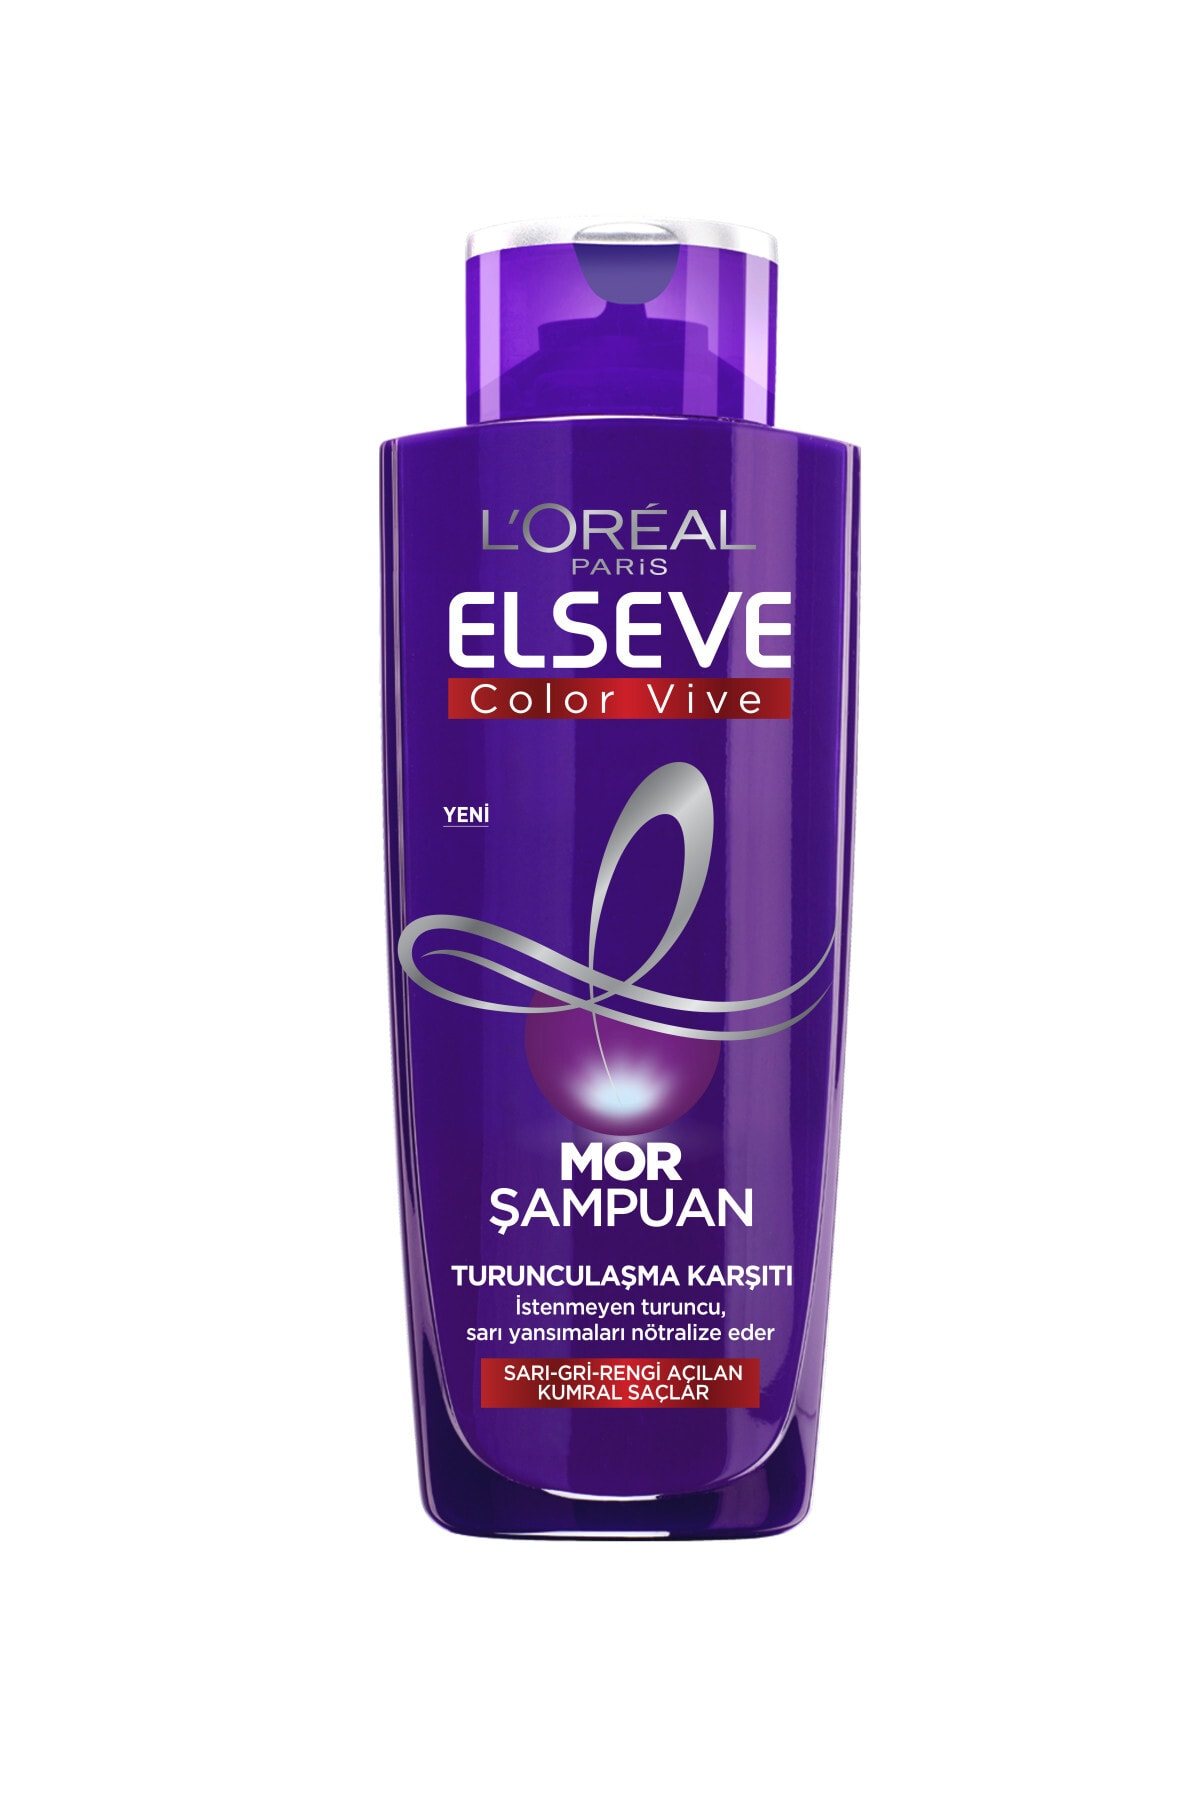 ELSEVE Turunculaşma Karşıtı Mor Şampuan 200 ml 2